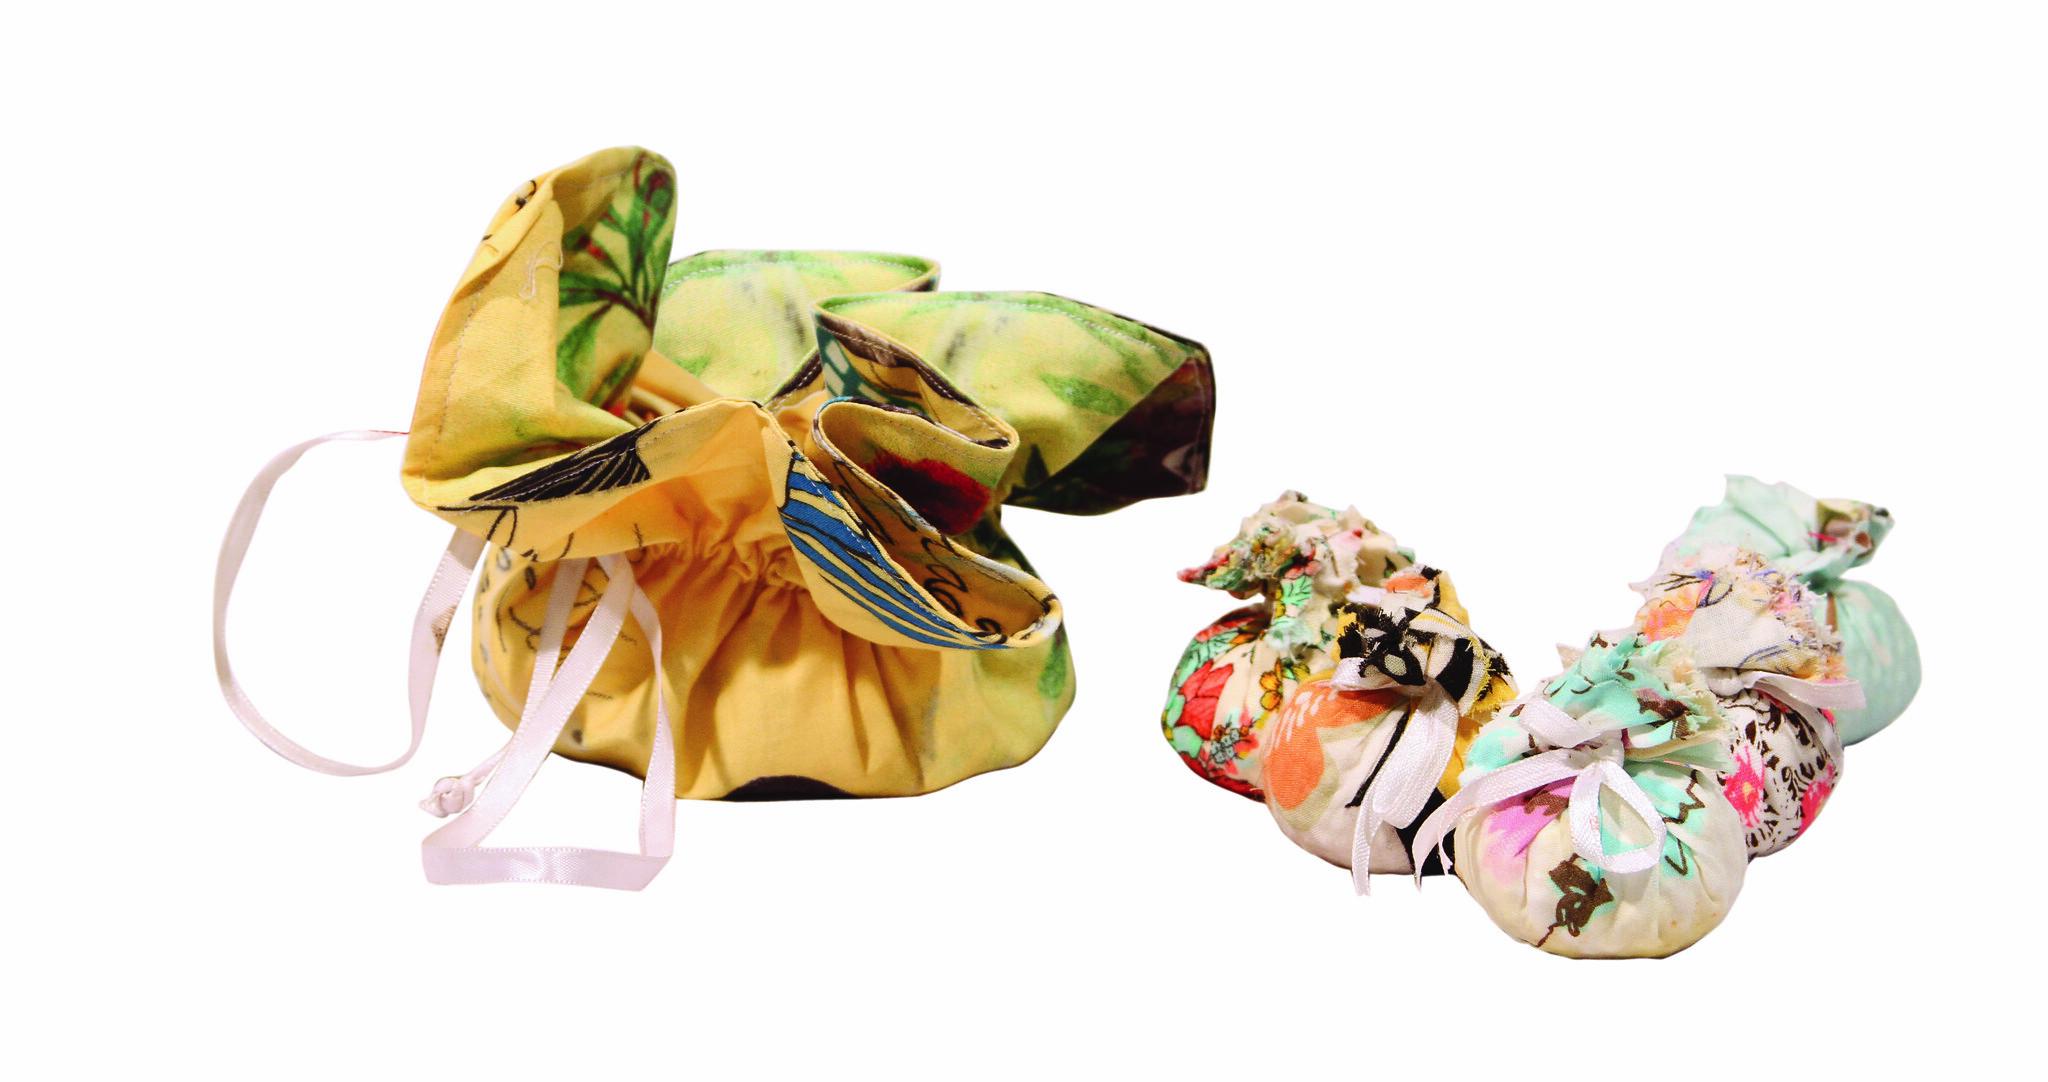 Sachês odorizadores de ambiente feito artesanalmente pela Ana Lucia da Fuxicarte com tecidos da ADORO FARM para a Rede Asta